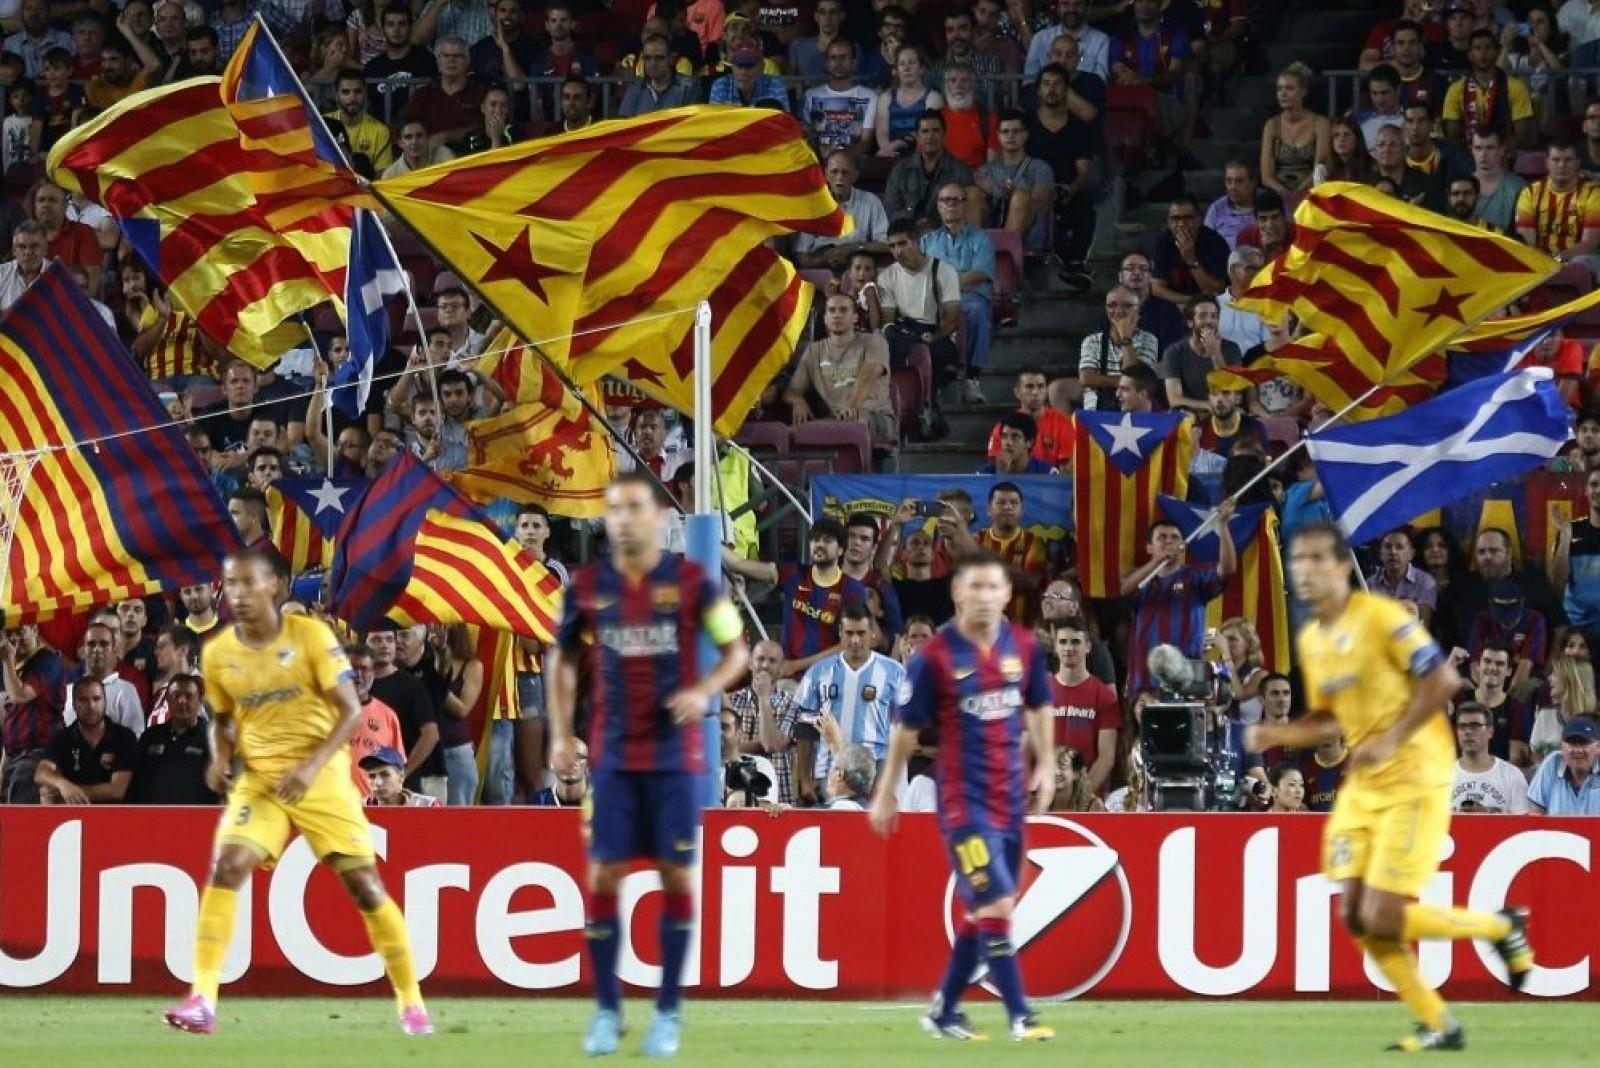 Navijači Barselone sa zastavama nezavisne Katalonije tokom utakmice Lige šampiona protiv Apoela na stadionu Kamp Nou, Barselona, 17. septembar 2014. (Foto: Reuters/Gustau Nacarino)